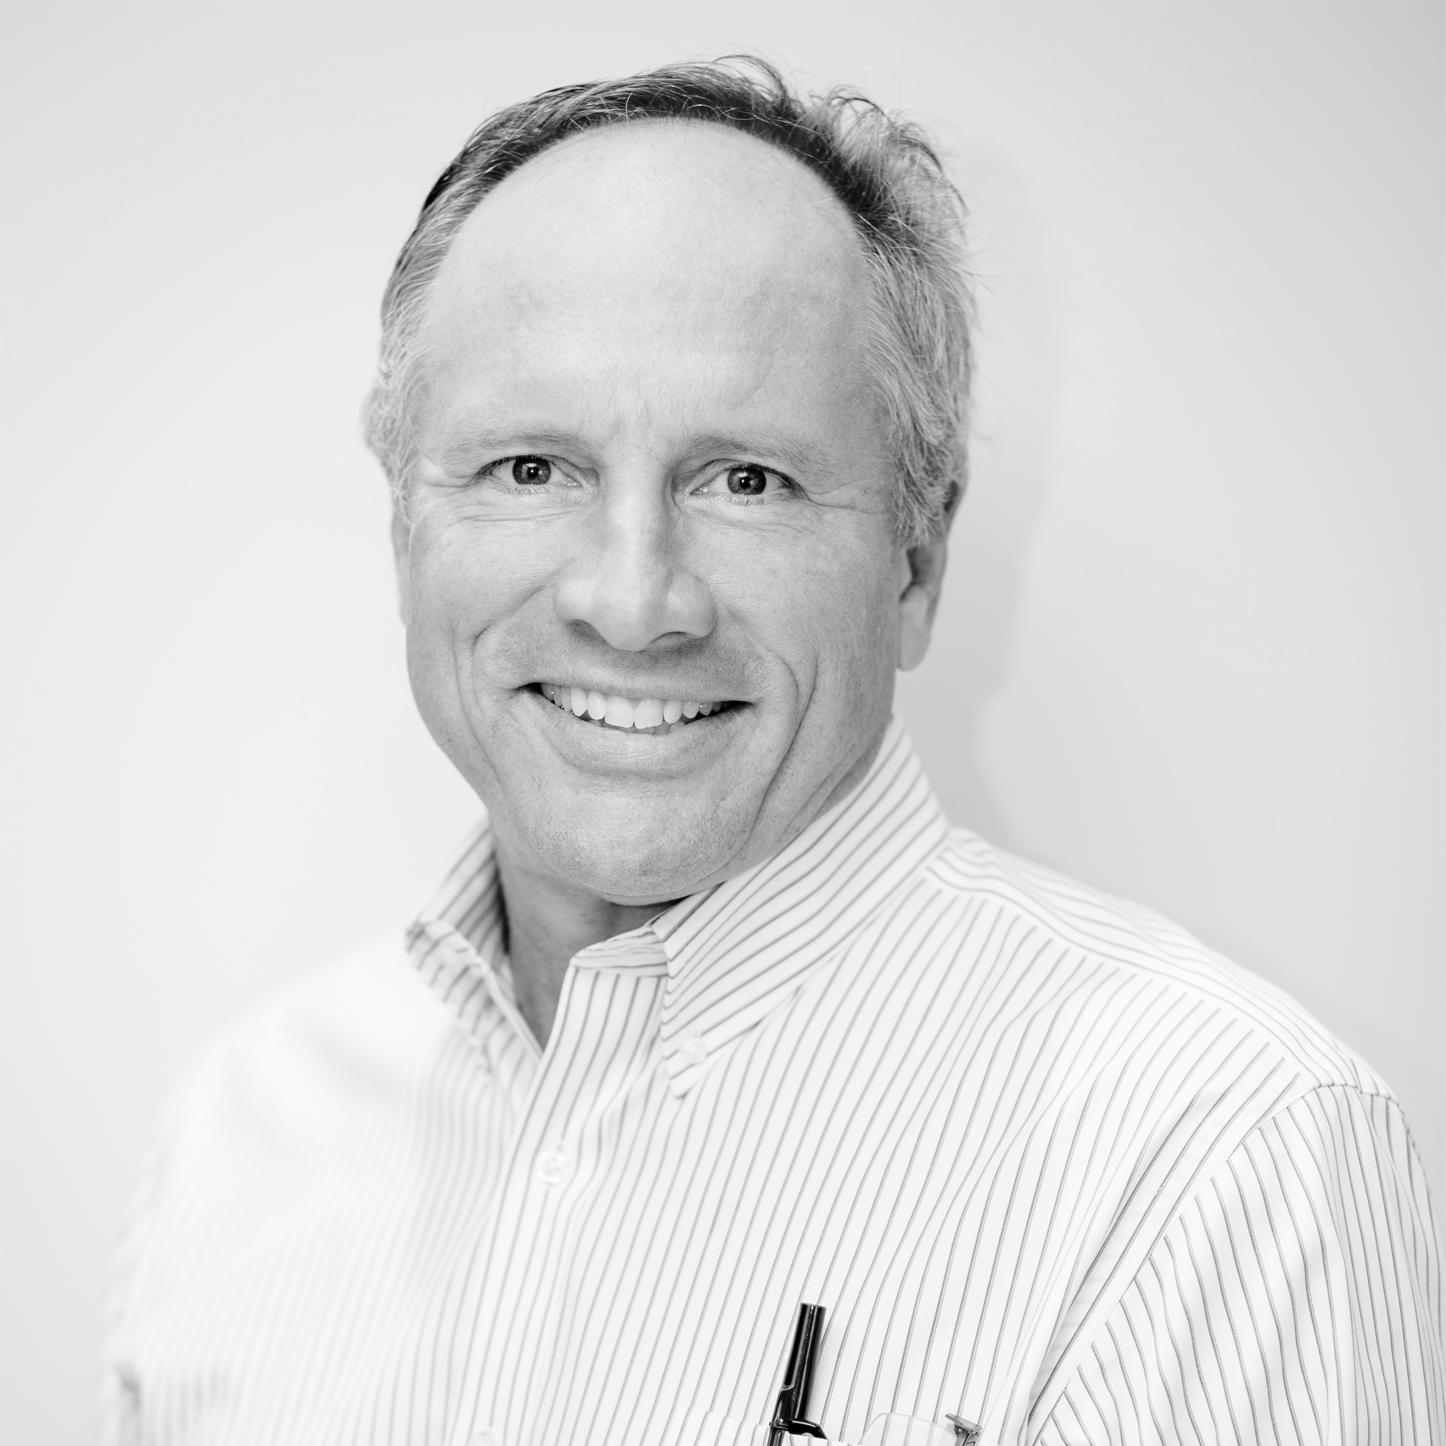 Dr. James Zmolek